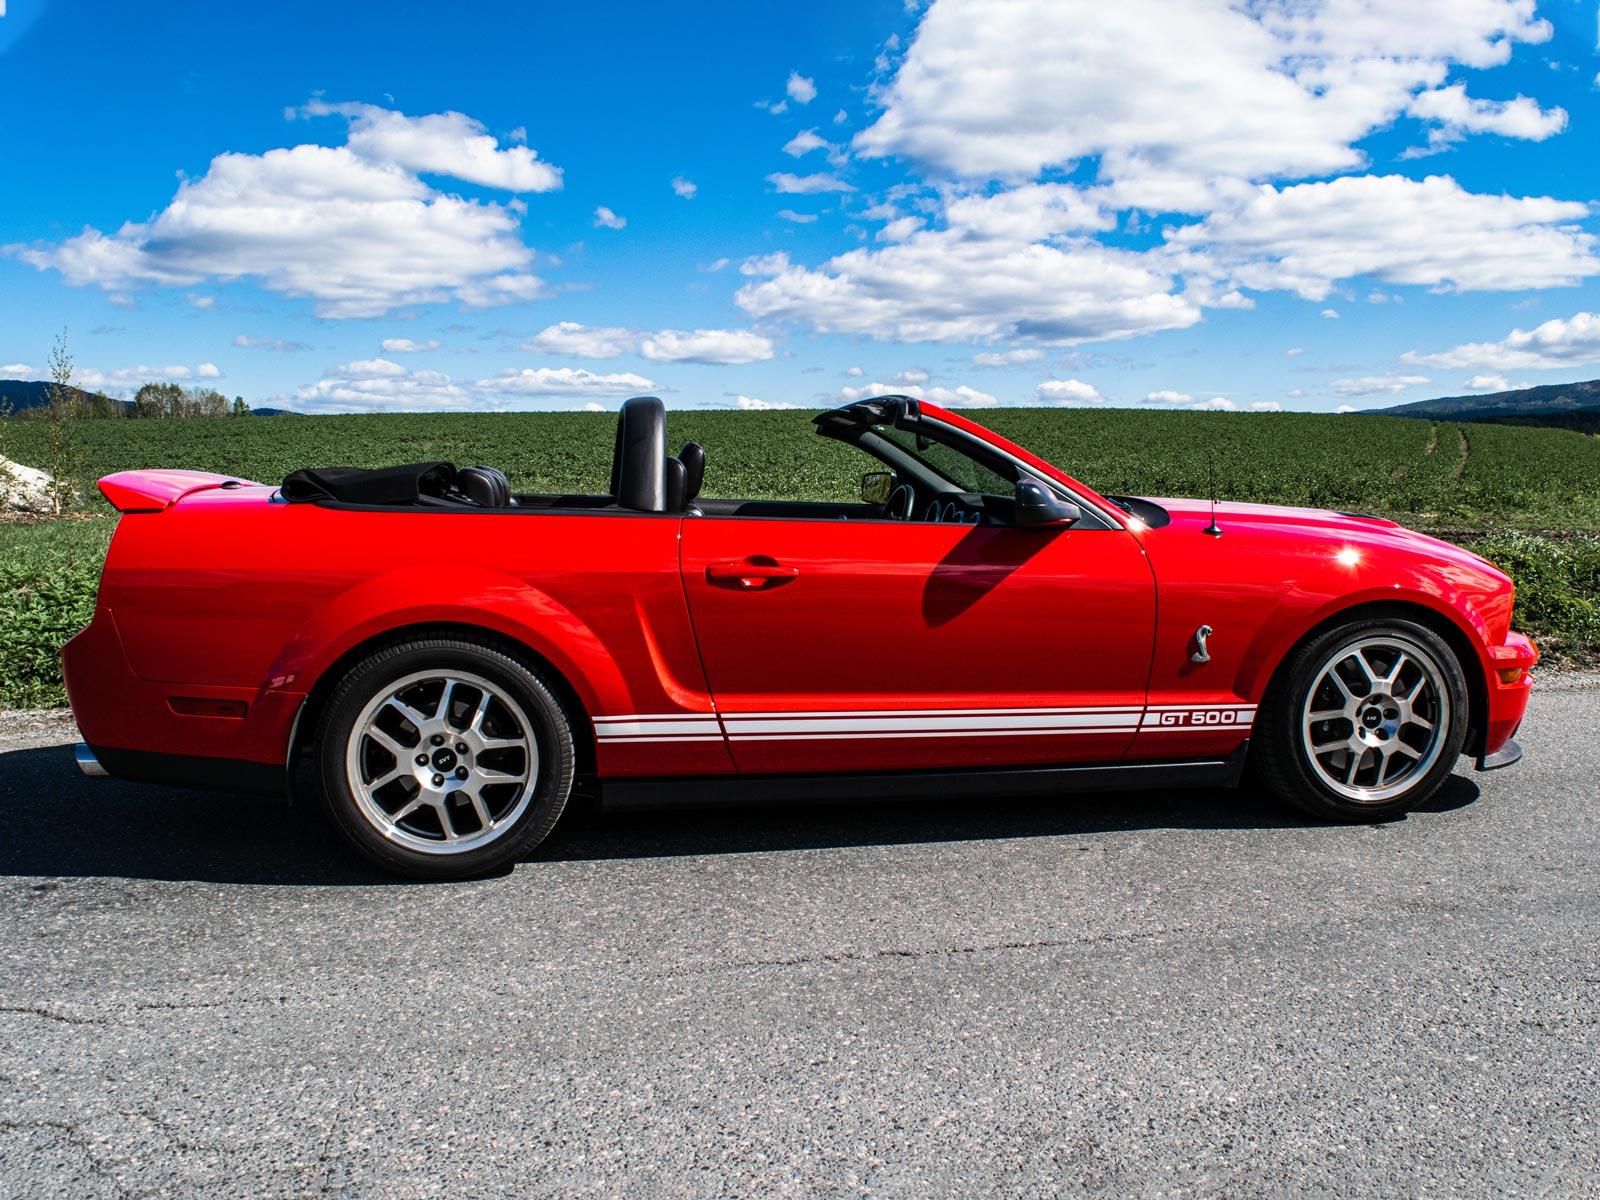 Ford Mustang Shelby. Se vårt utvalg av biler